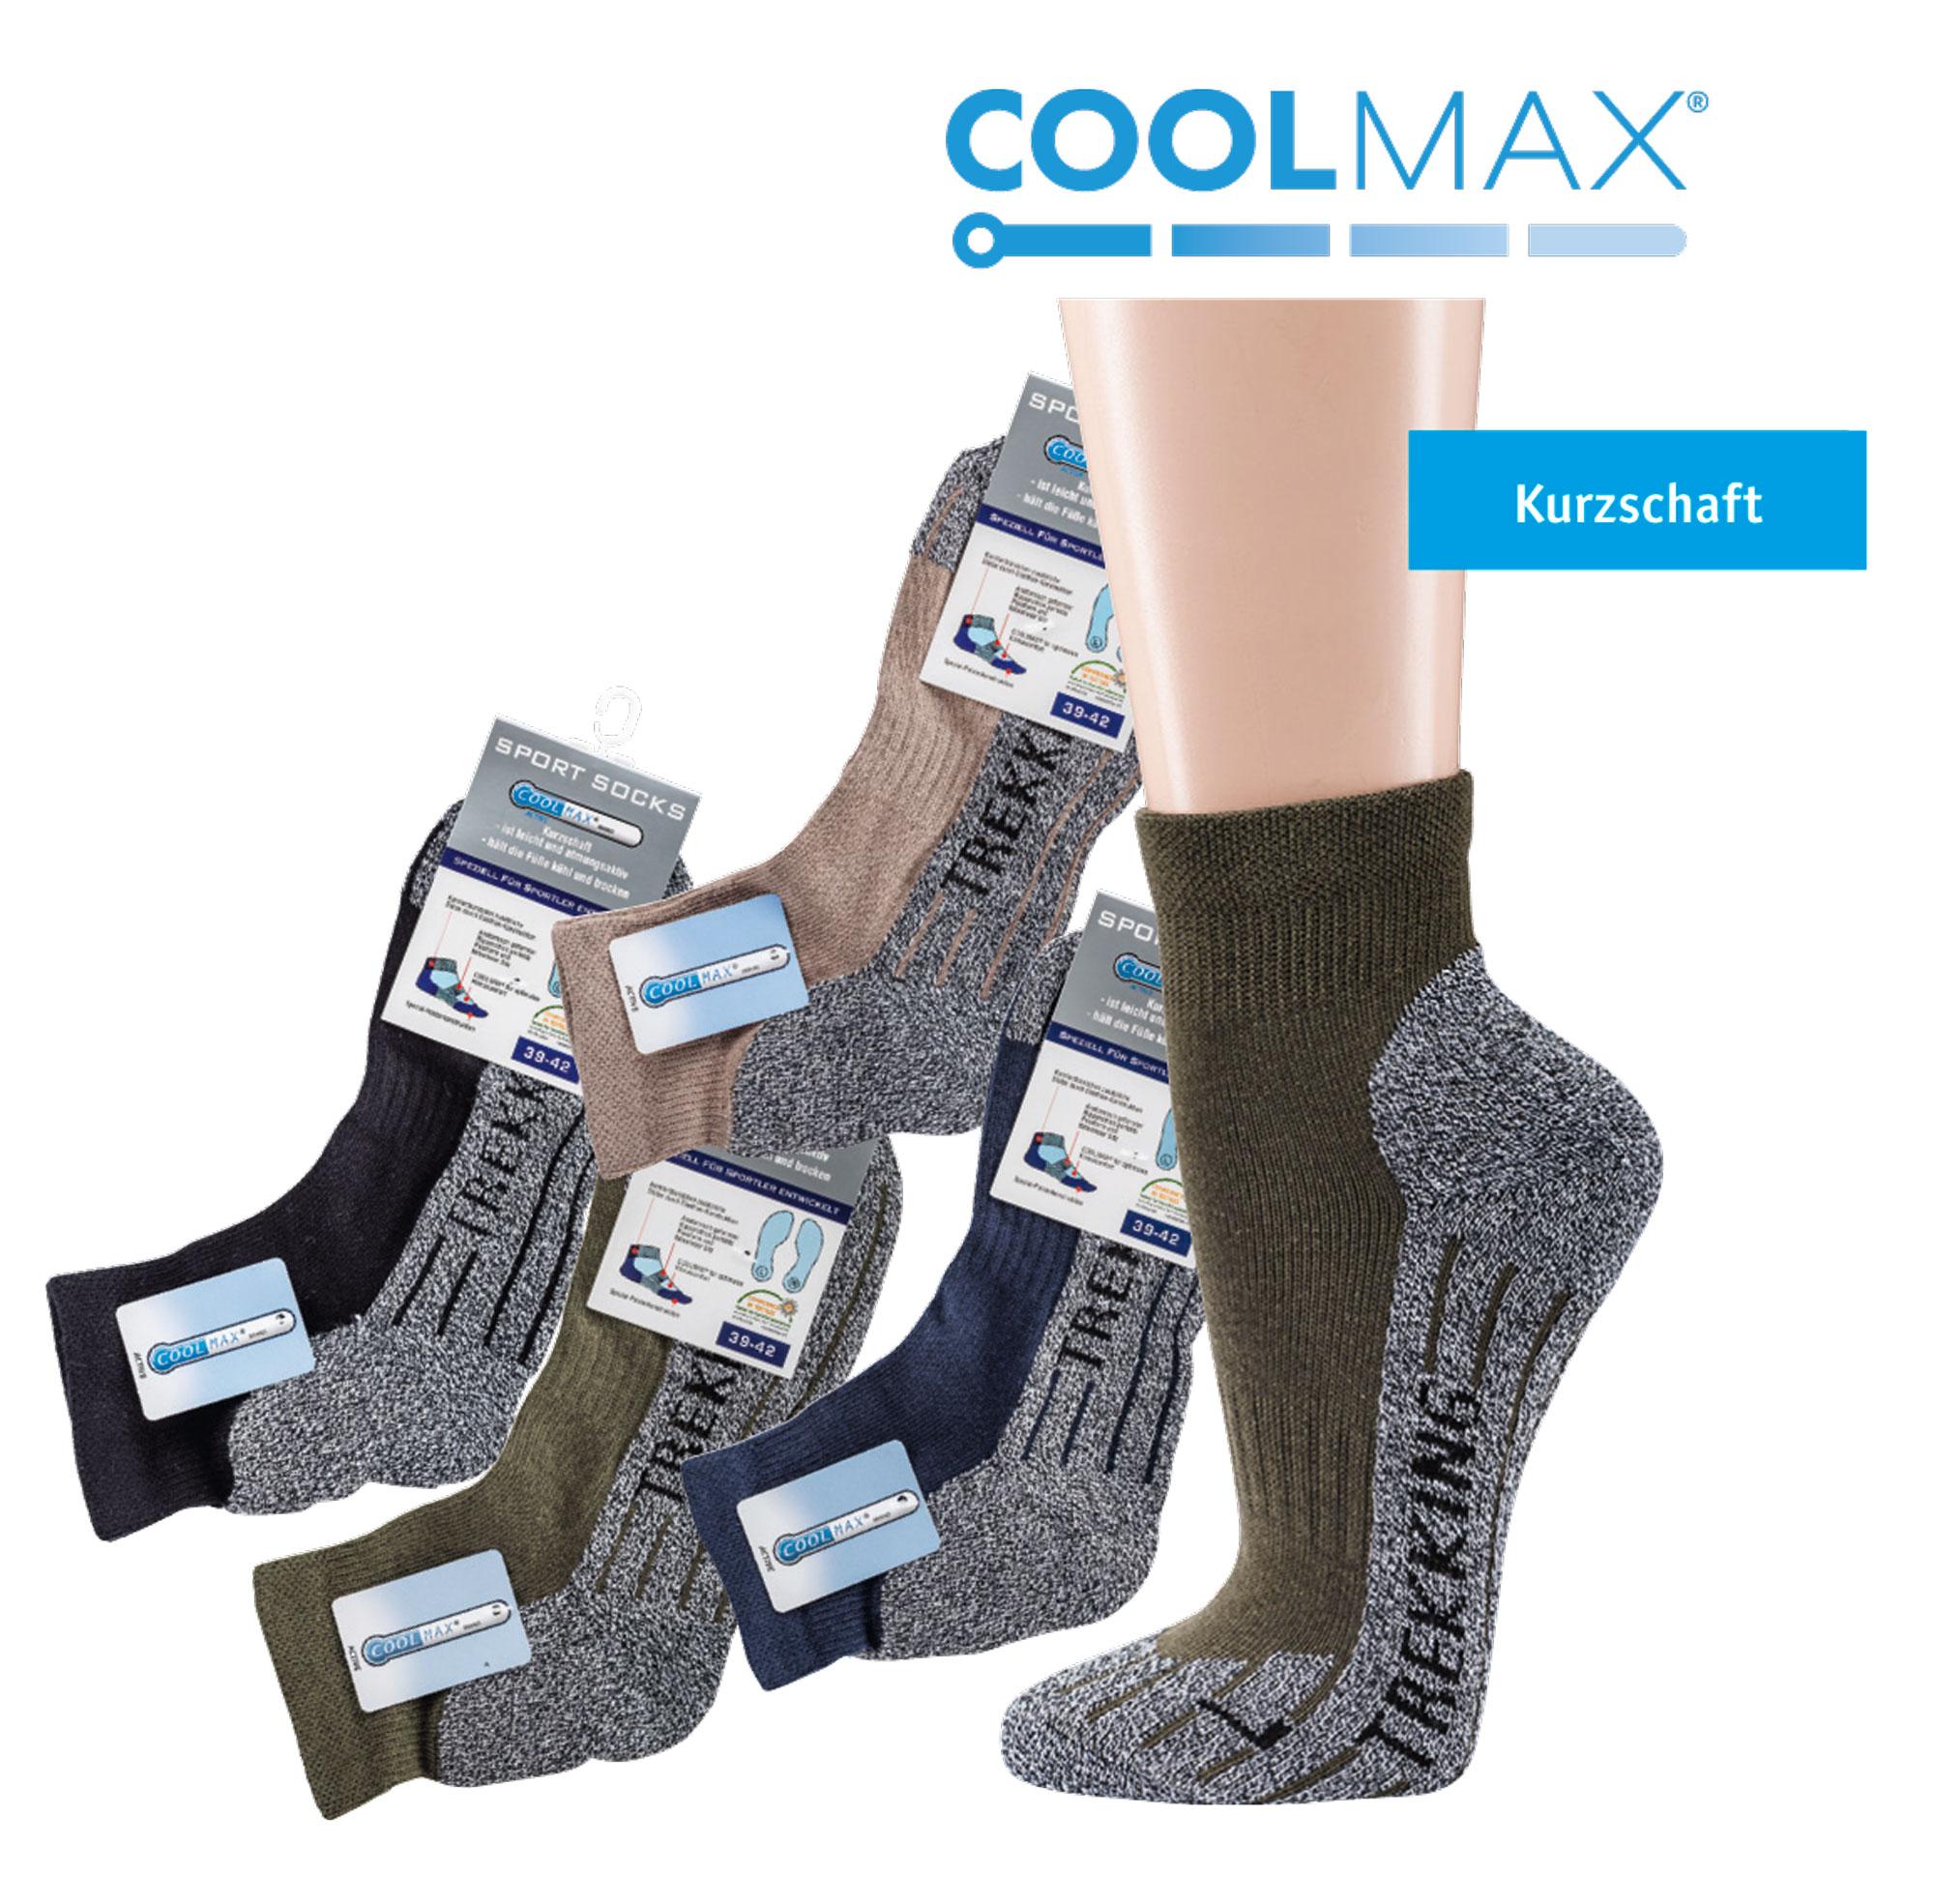 95432a43da0a69 Kurzschaft COOLMAX® Trekking-Socken